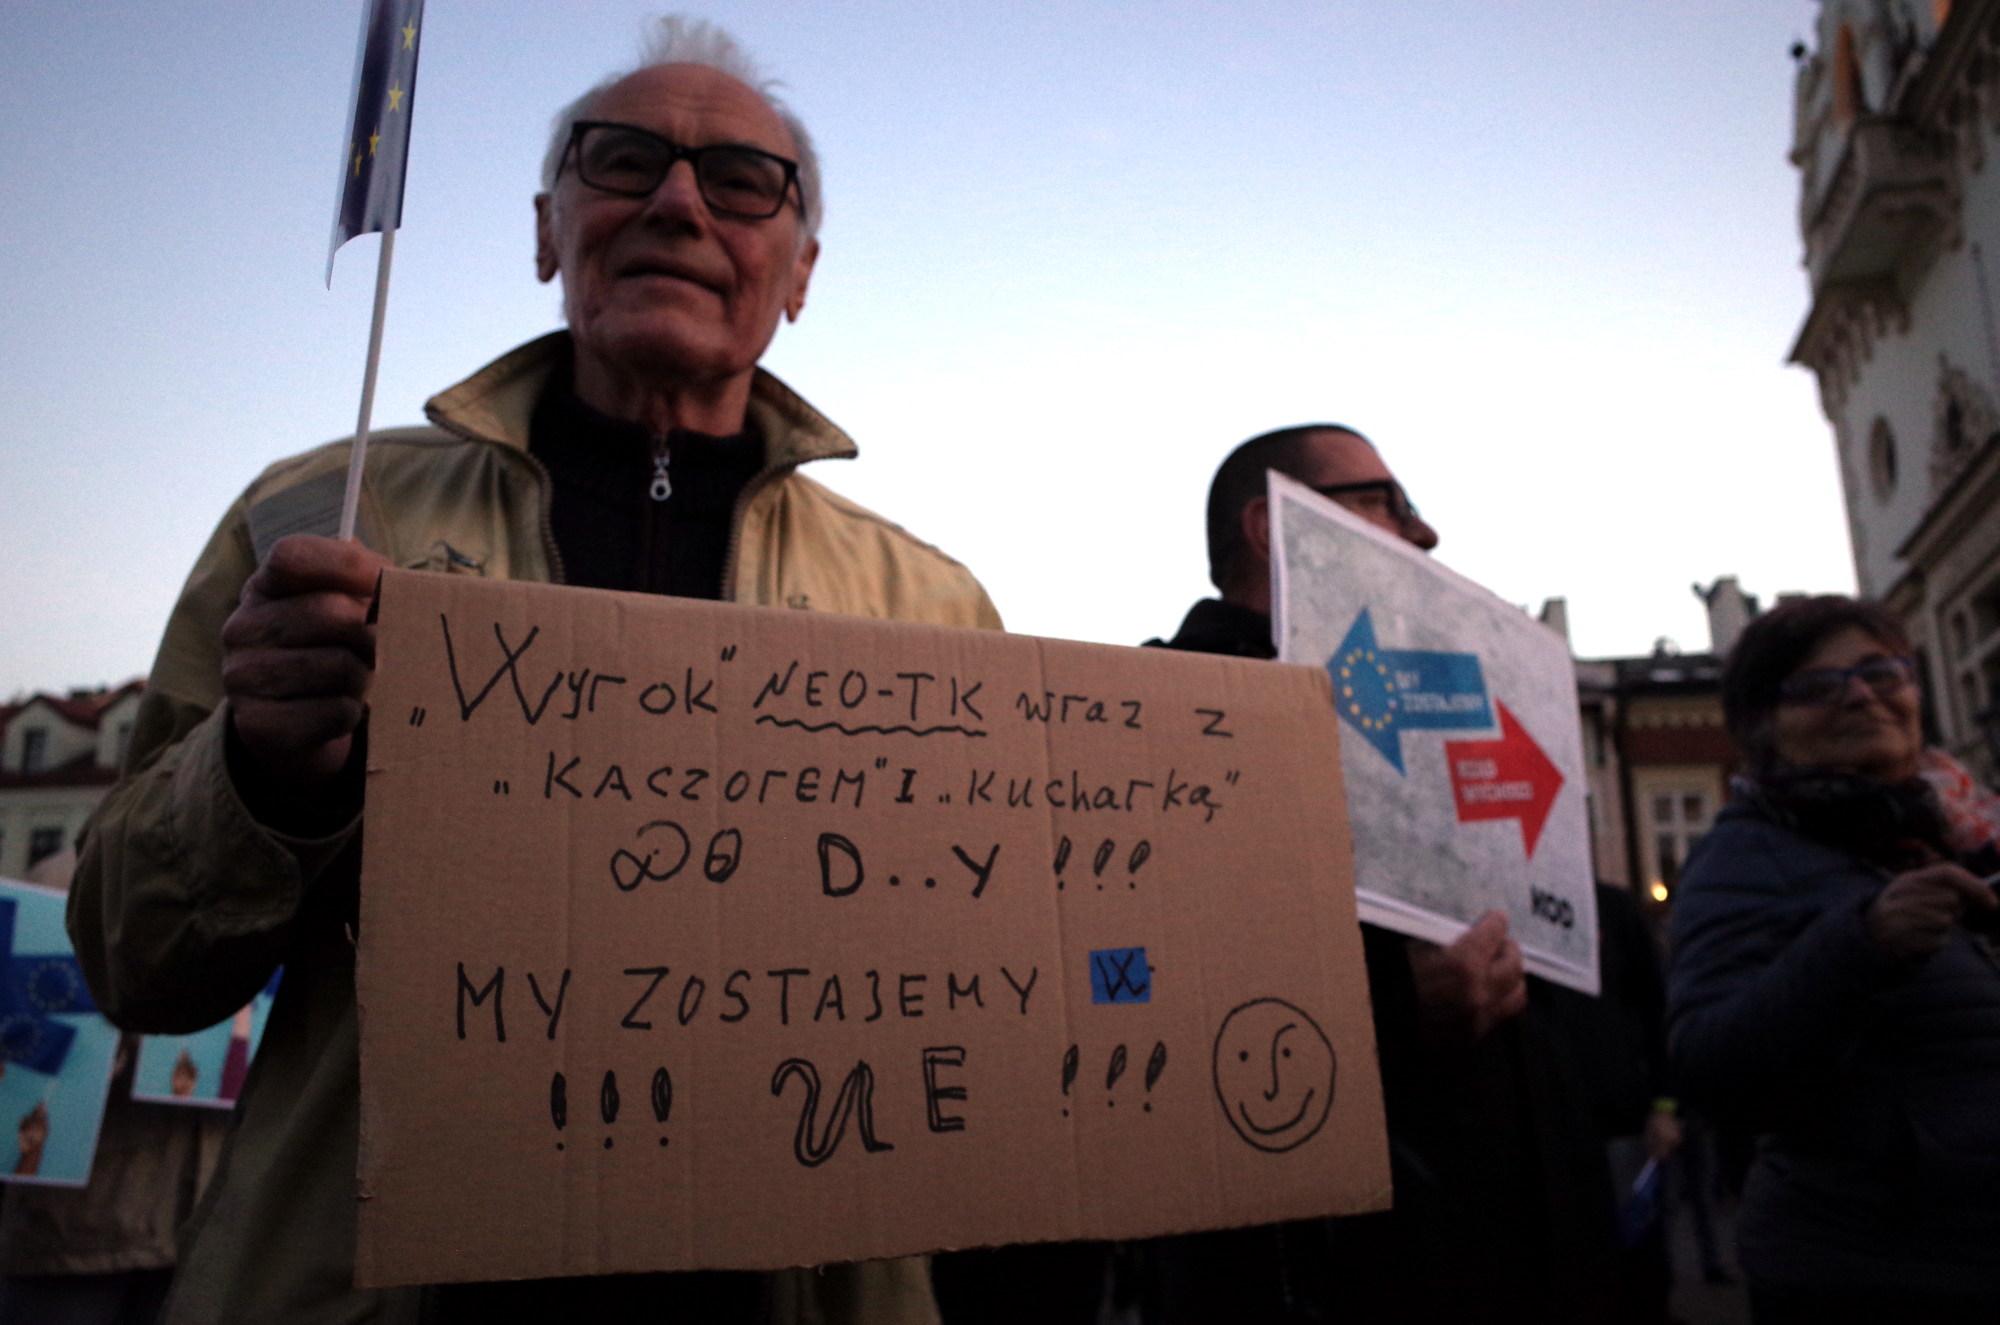 Rzeszów zostaje w Unii. Kilkaset osób protestowało na Rynku przeciwko wyrokowi Trybunału Konstytucyjnego [ZDJĘCIA] - Zdjęcie główne